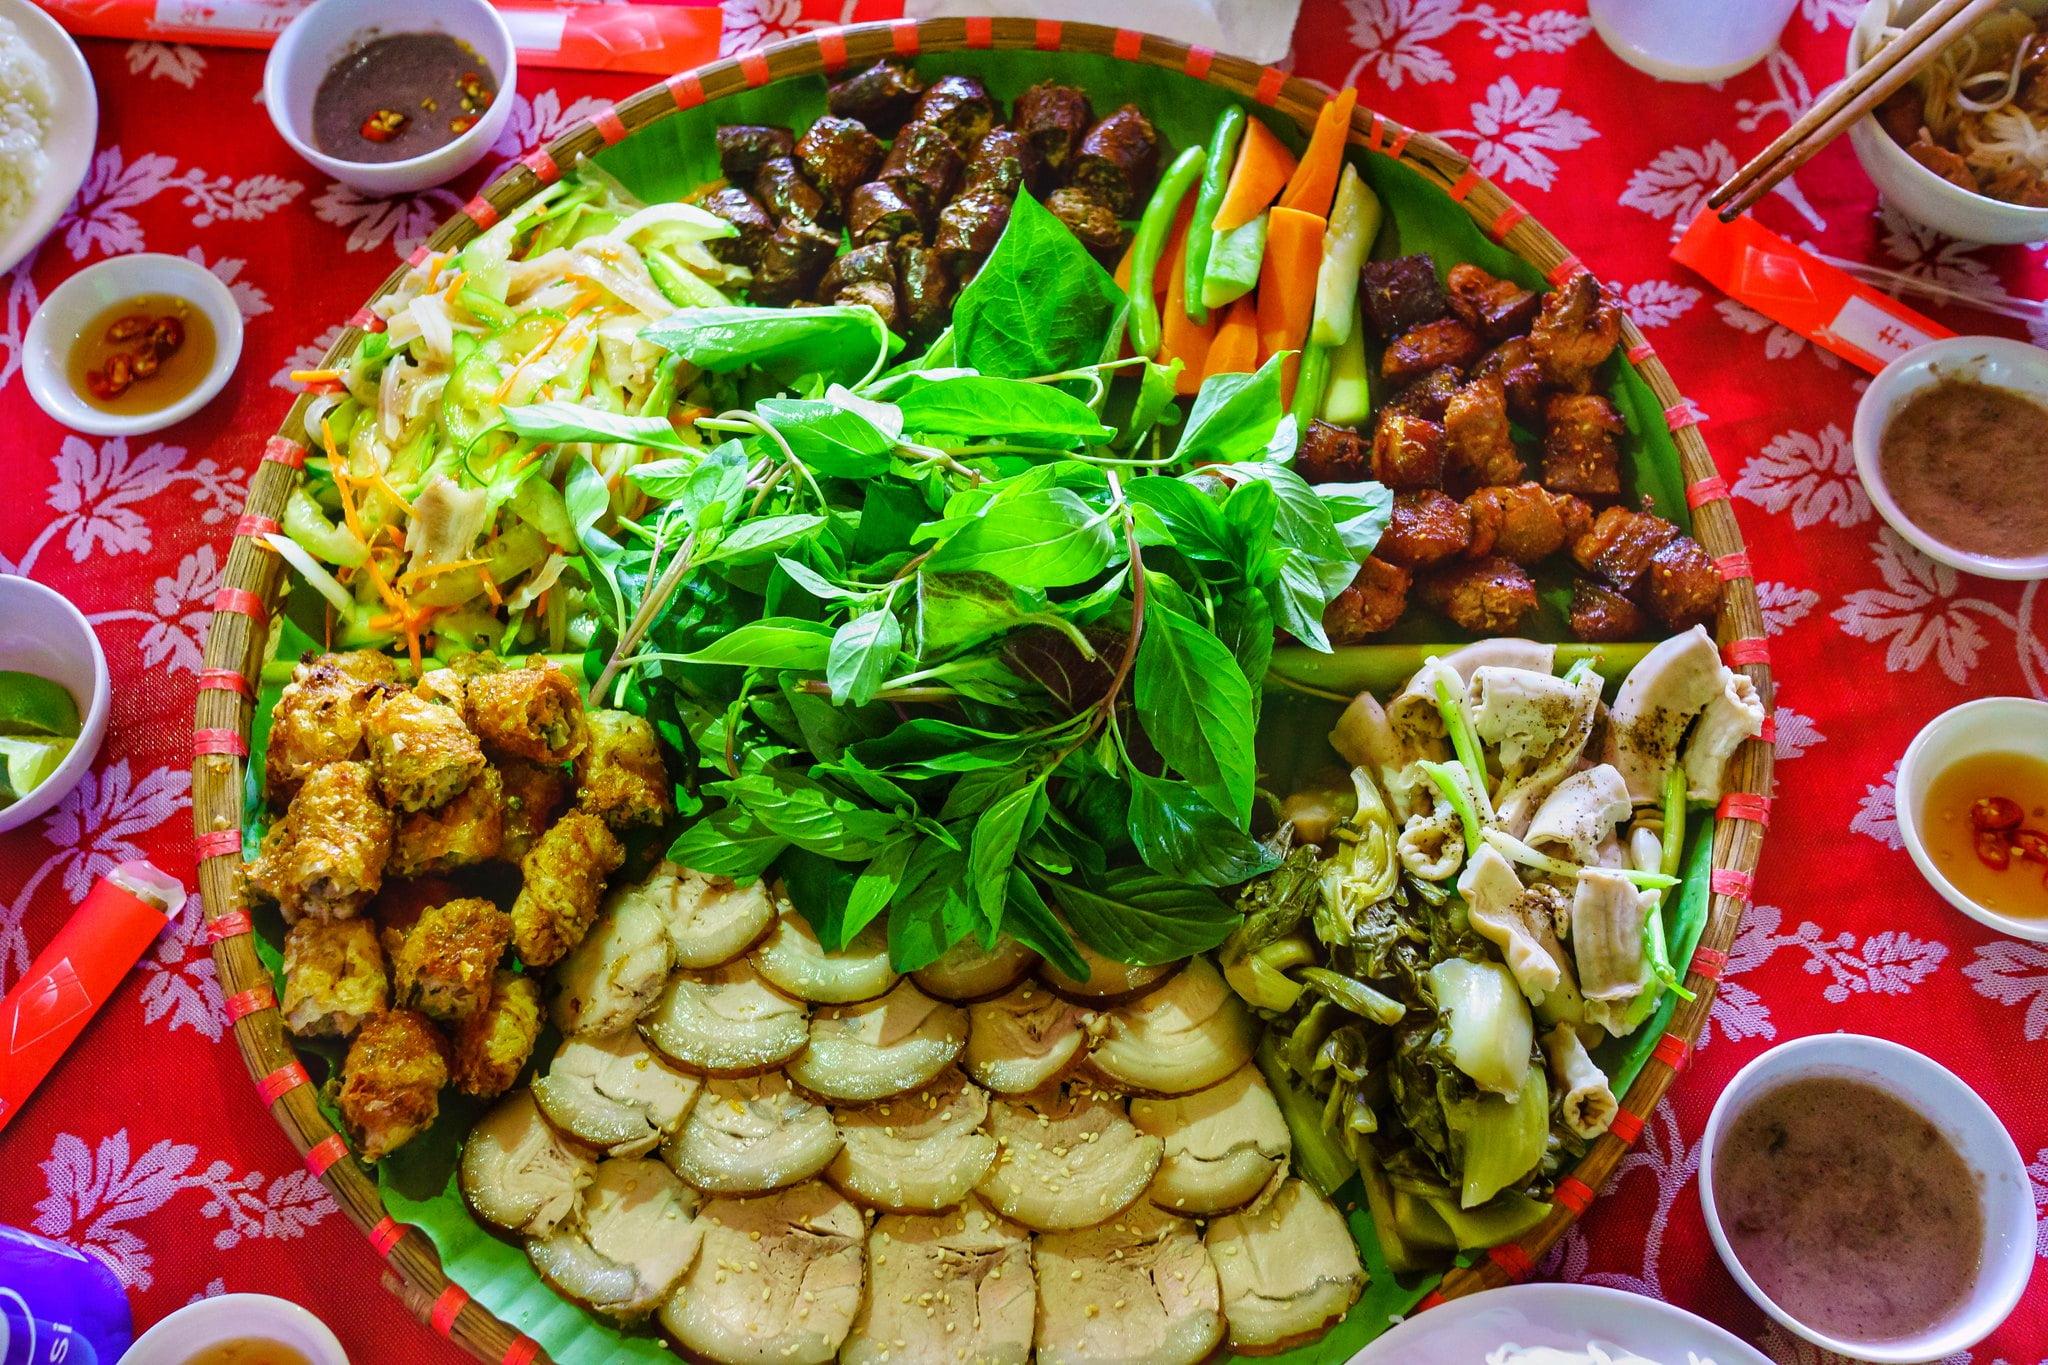 Heo mẹt đồng xoài - Món ăn ngon tại Bình Phước